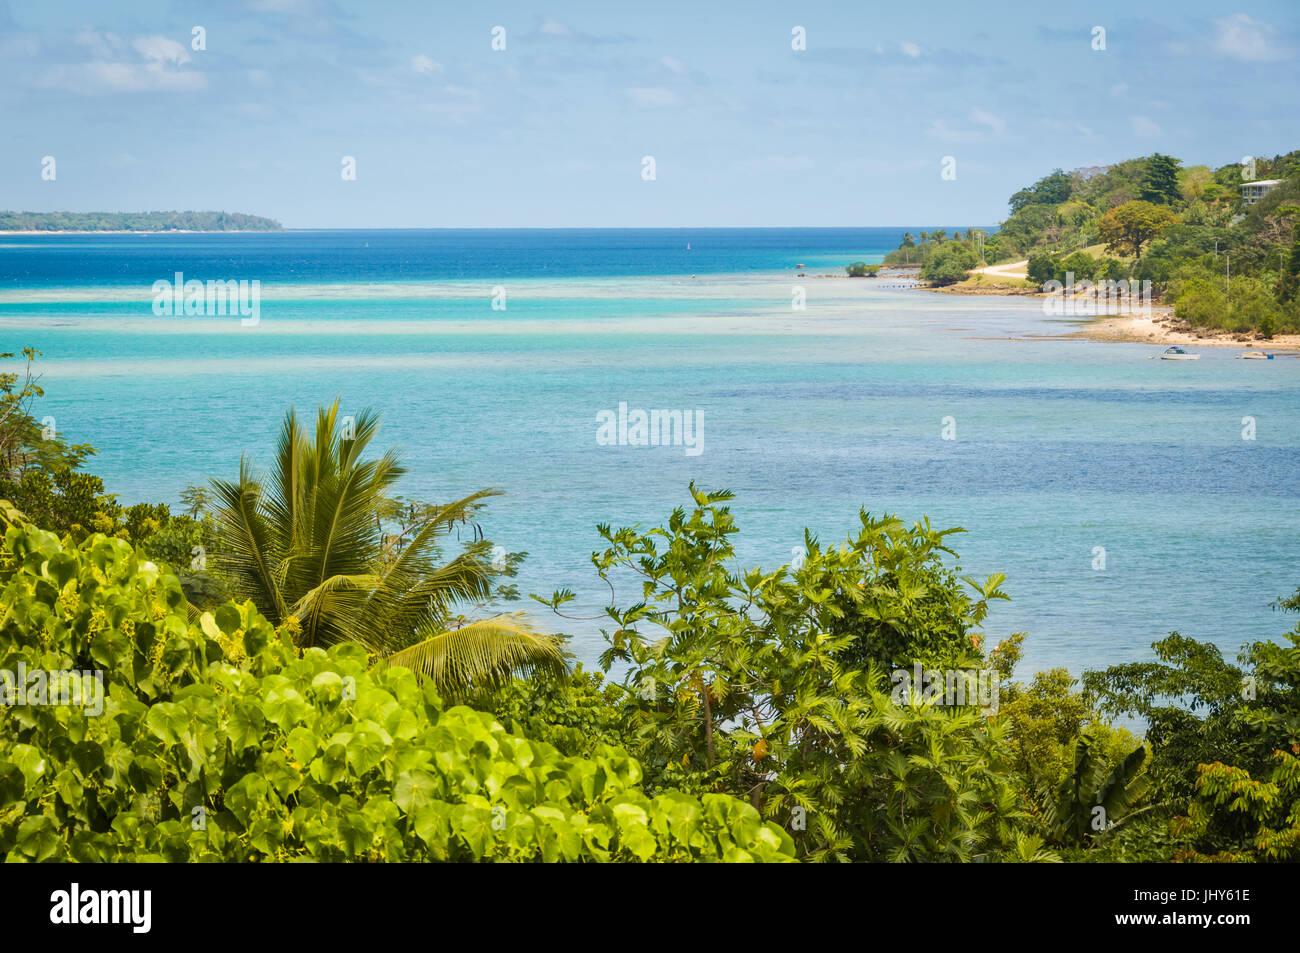 Magnificent Fatumaru Bay in Port Vila, Efate Island, Vanuatu - Stock Image